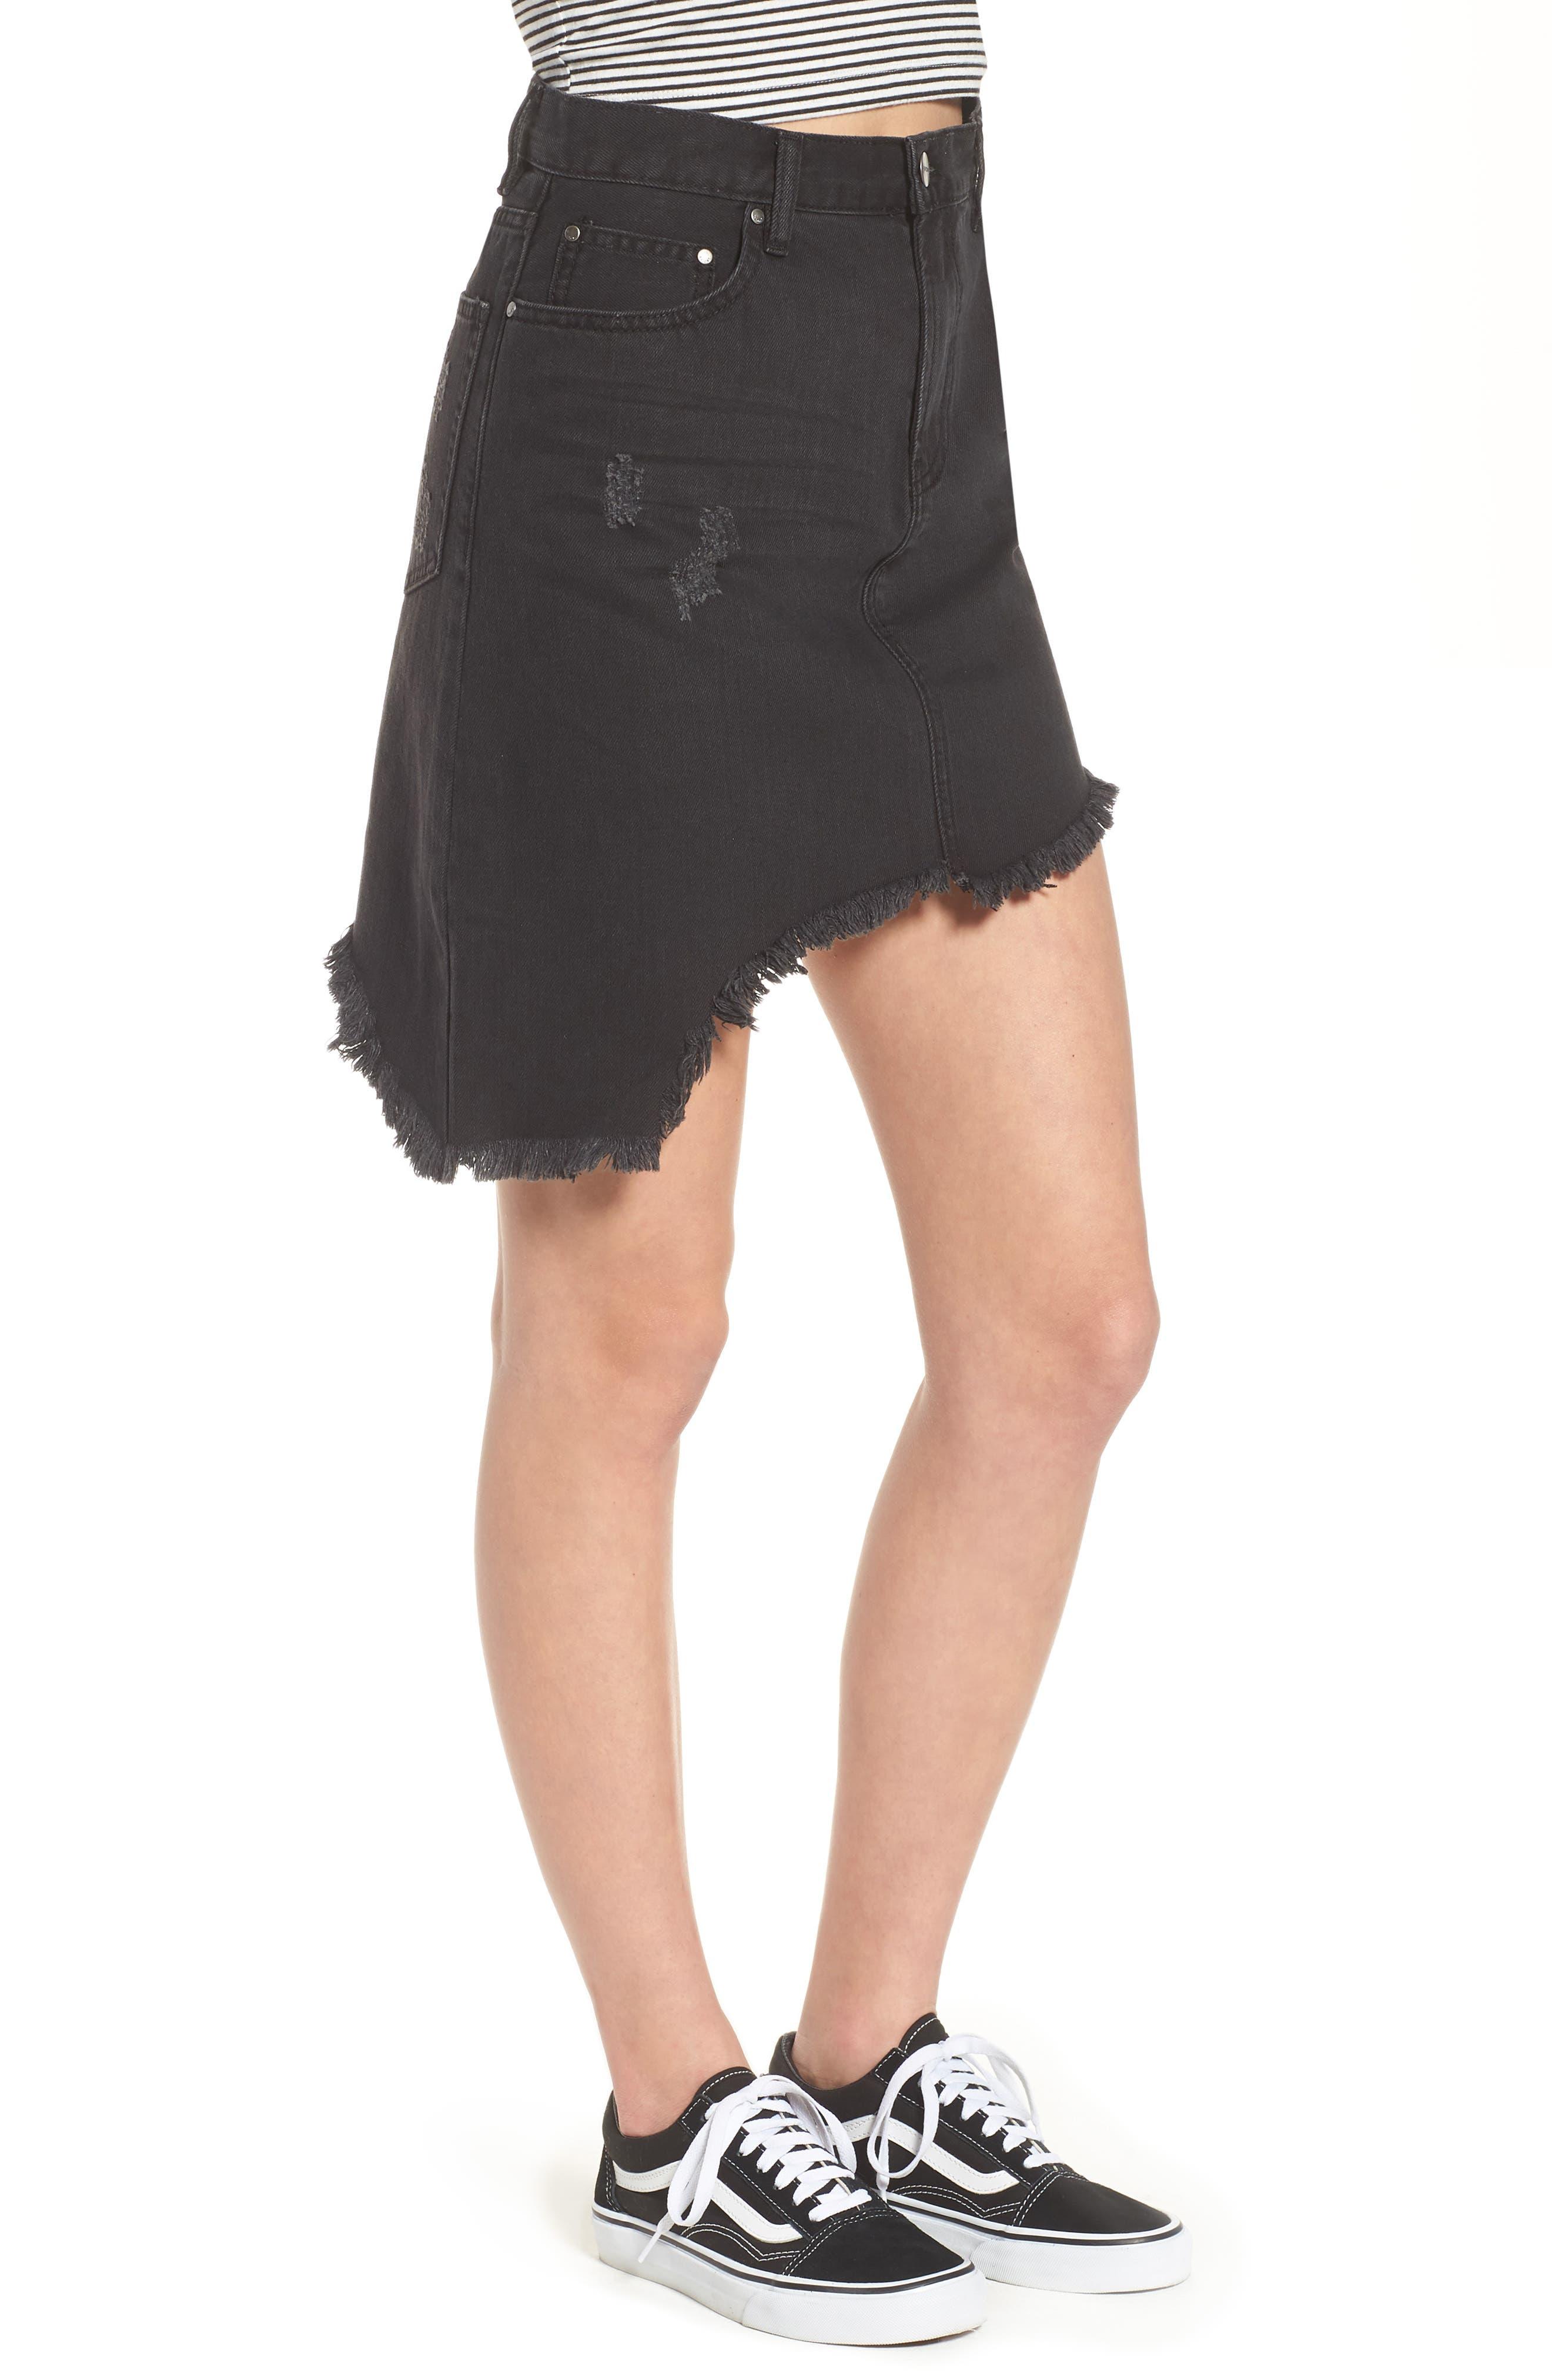 EVDNT Modena Asymmetrical Denim Skirt,                             Alternate thumbnail 3, color,                             Black Sheep